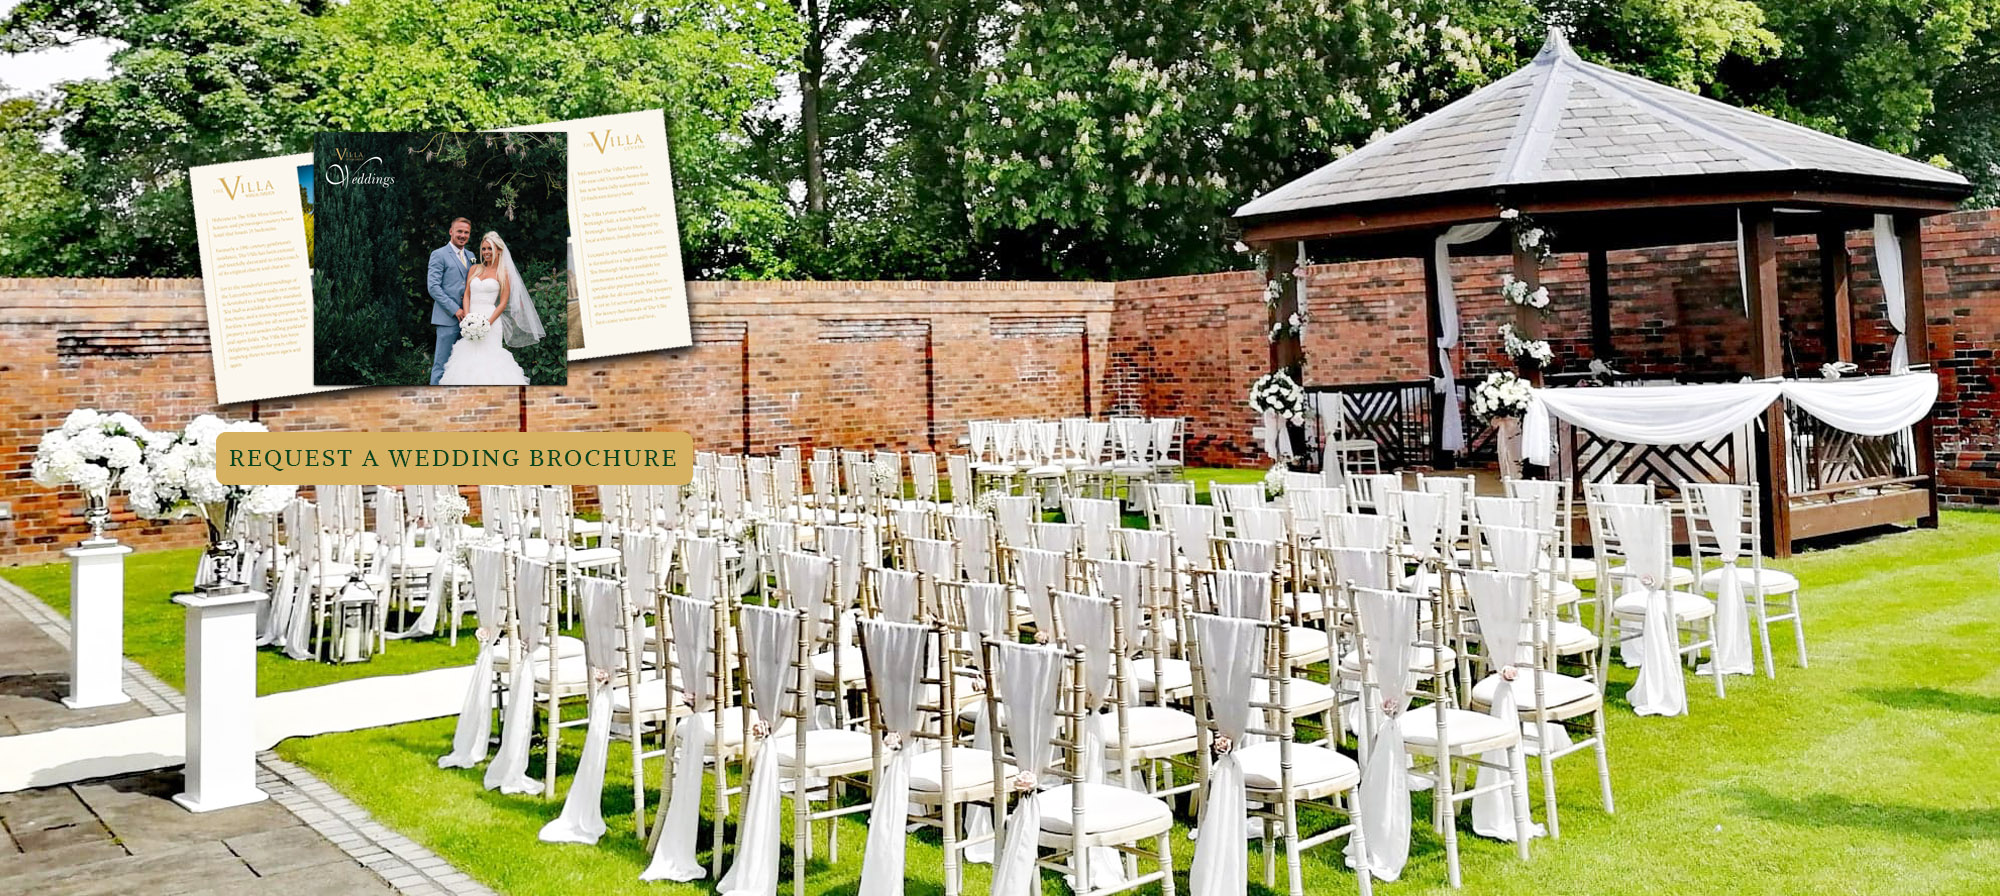 Slider Images – Deskptop View – wedding brochure